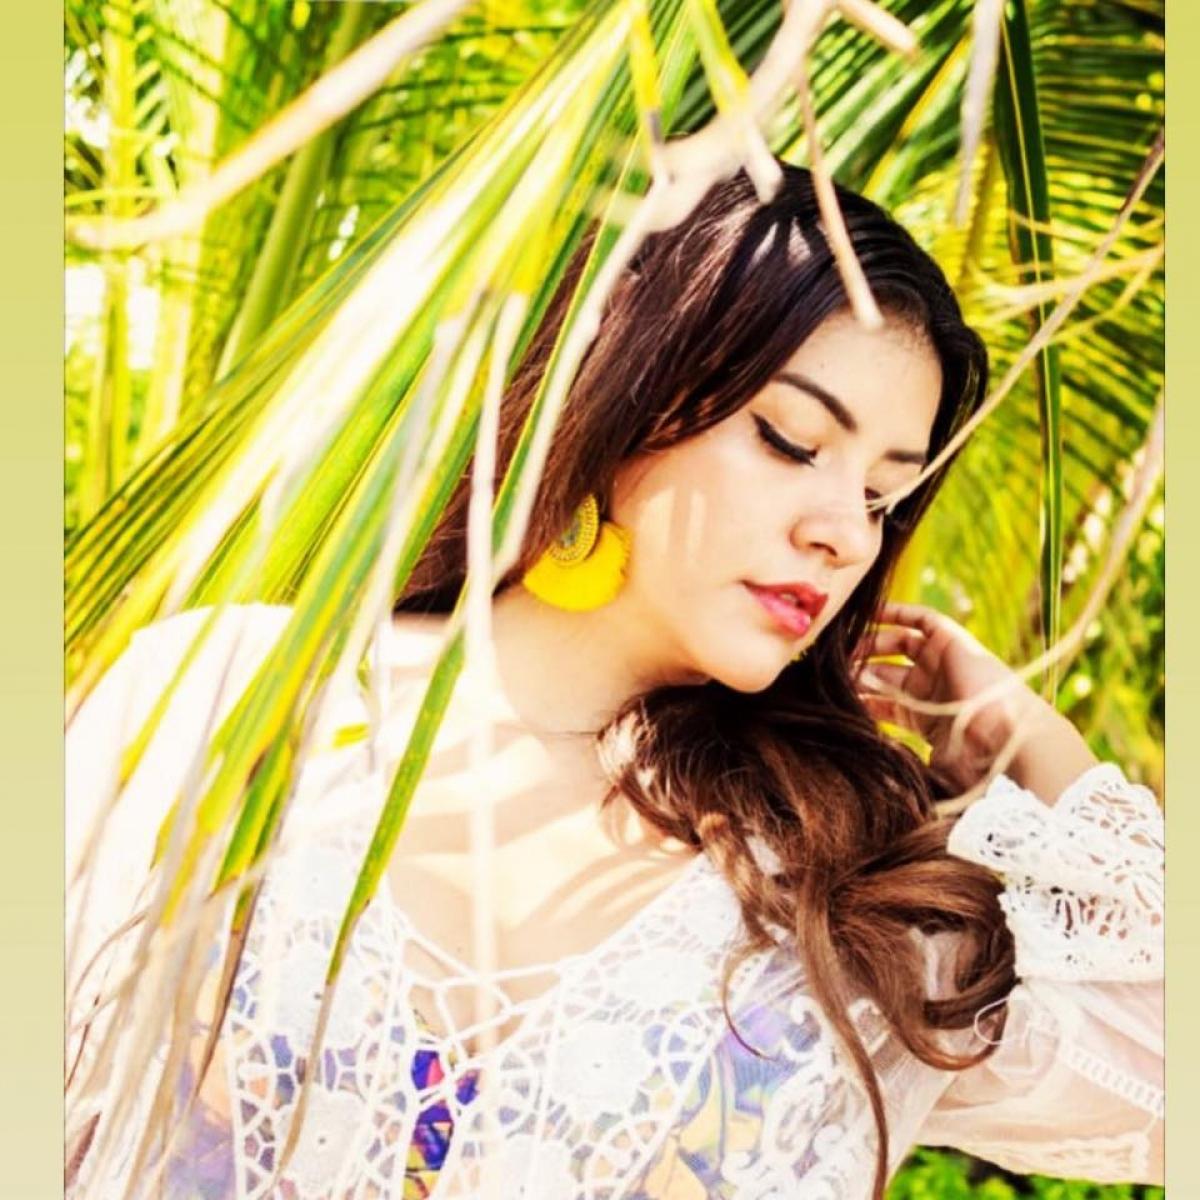 Palmira Ruiz tốt nghiệp chuyên ngành quan hệ công chúng. Cô cũng là vũ công ba lê chuyên nghiệp.